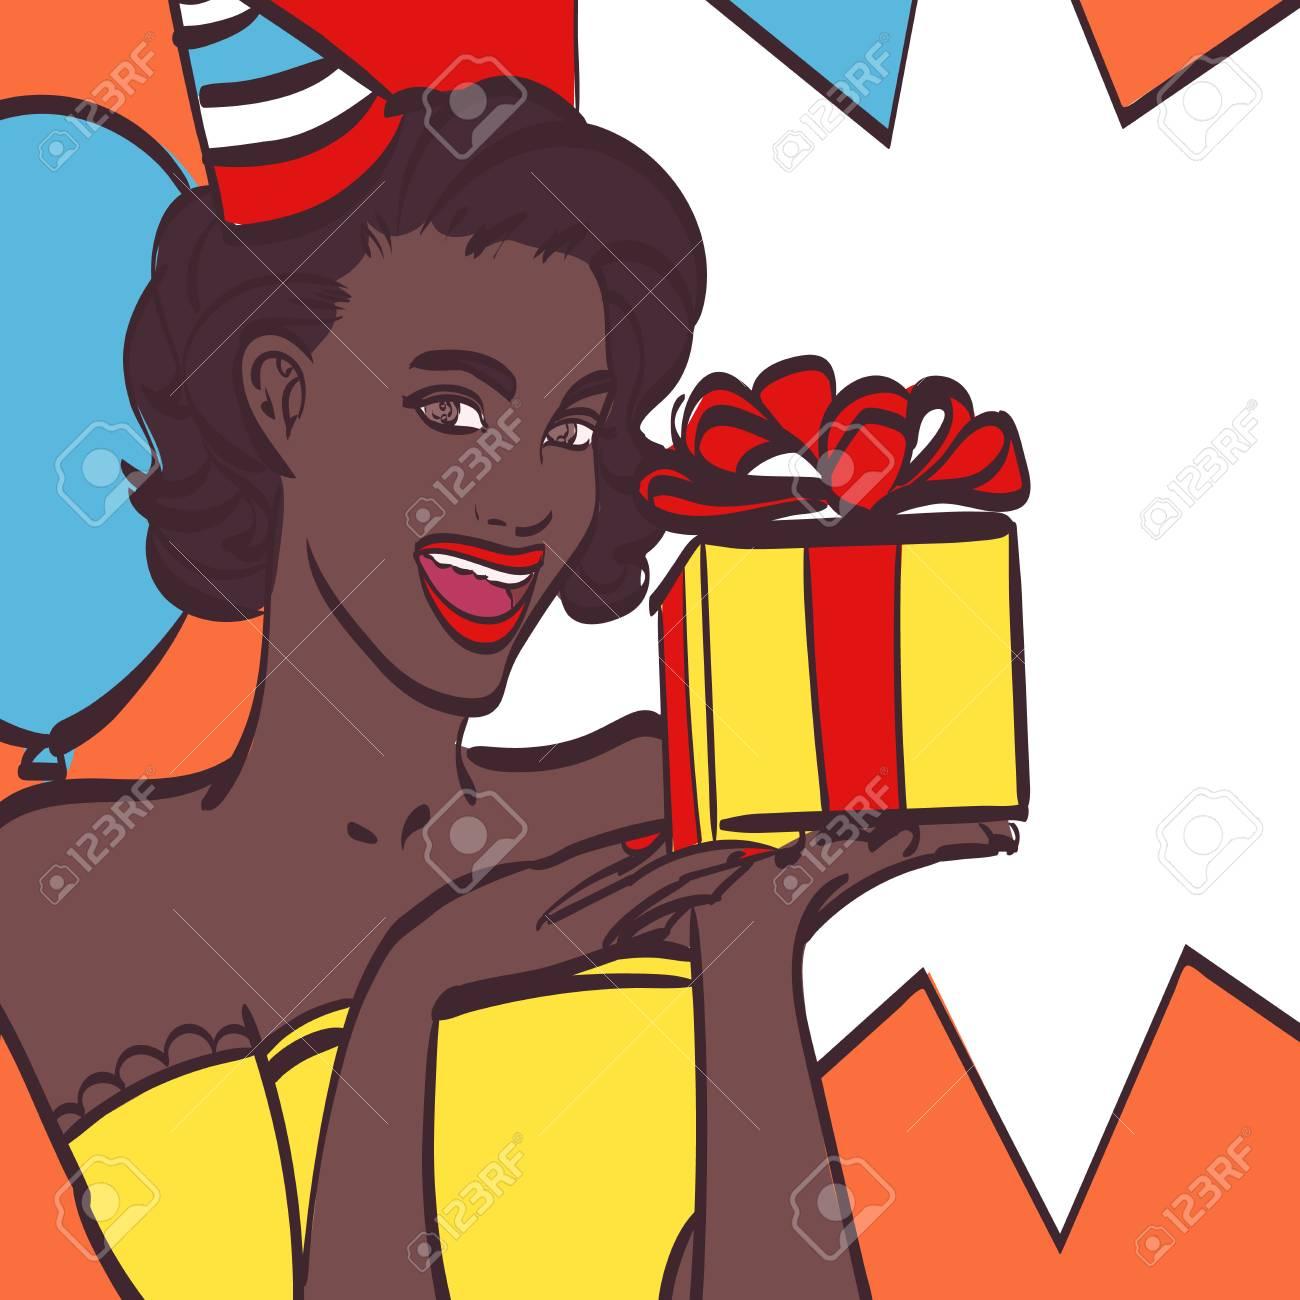 Chica Del Arte Pop Con Burbuja De Pensamiento Invitación De Fiesta Tarjeta De Cumpleaños Hollywood Estrella De Cine Mujer Cómica Señora